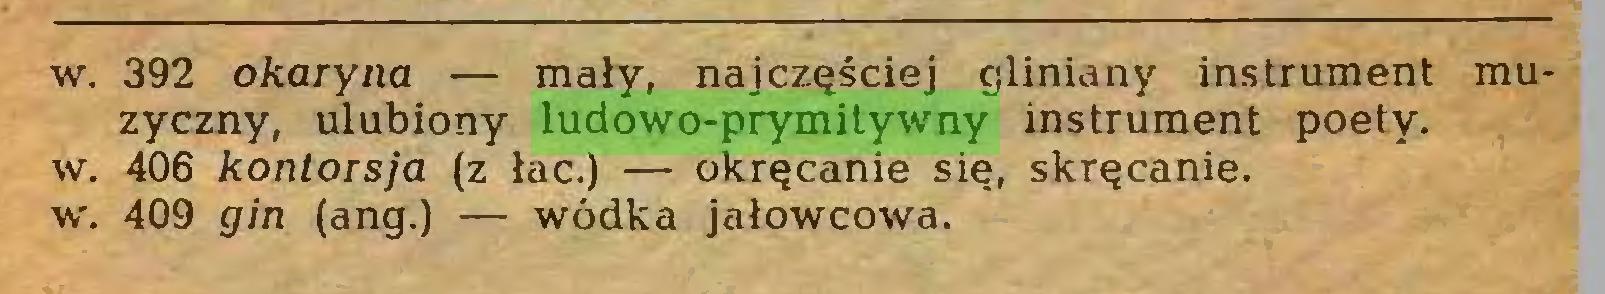 (...) w. 392 okaryna — mały, najczęściej gliniany instrument muzyczny, ulubiony ludowo-prymitywny instrument poety, w. 406 kontorsja (z łac.) — okręcanie się, skręcanie, w. 409 gin (ang.) — wódka jałowcowa...